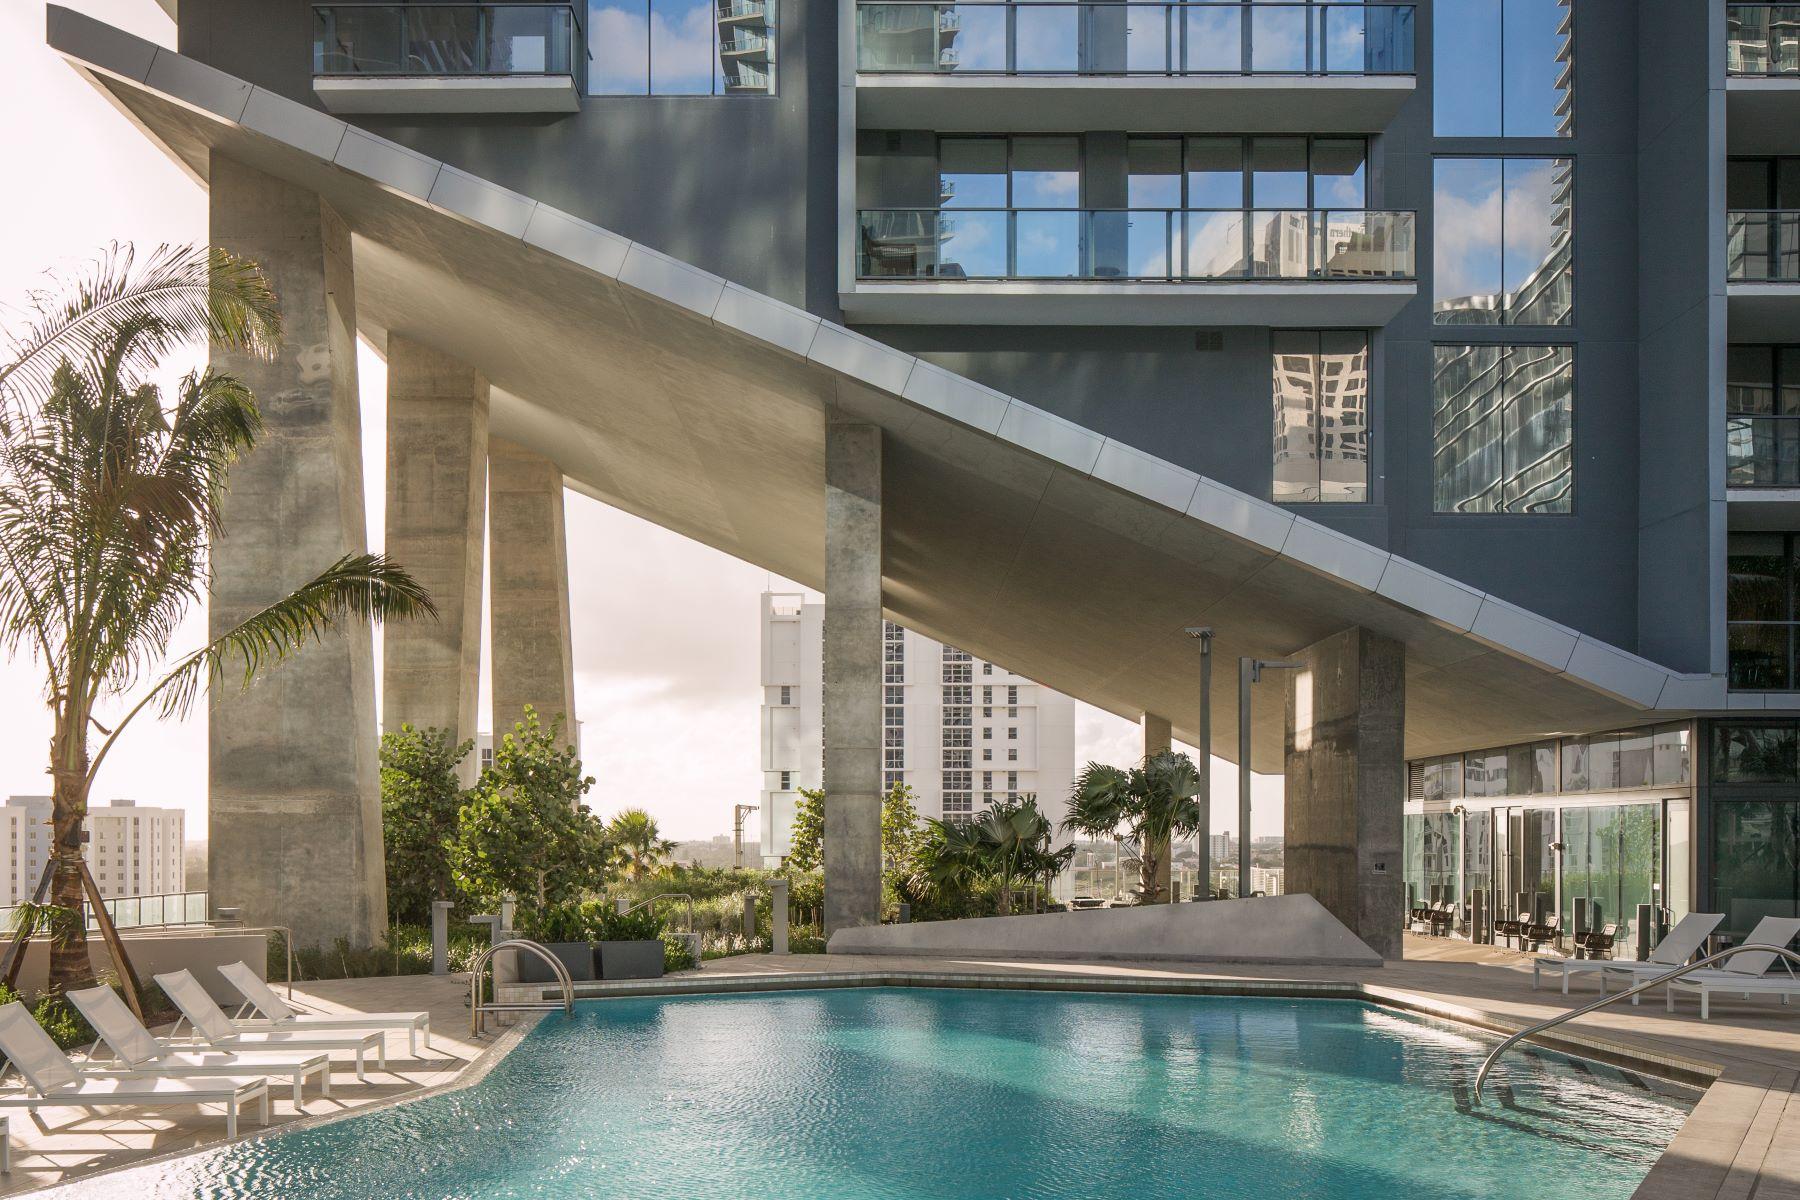 Copropriété pour l Vente à 88 Sw 7 Street #3808 88 Sw 7 Street 3808 Miami, Florida, 33131 États-Unis